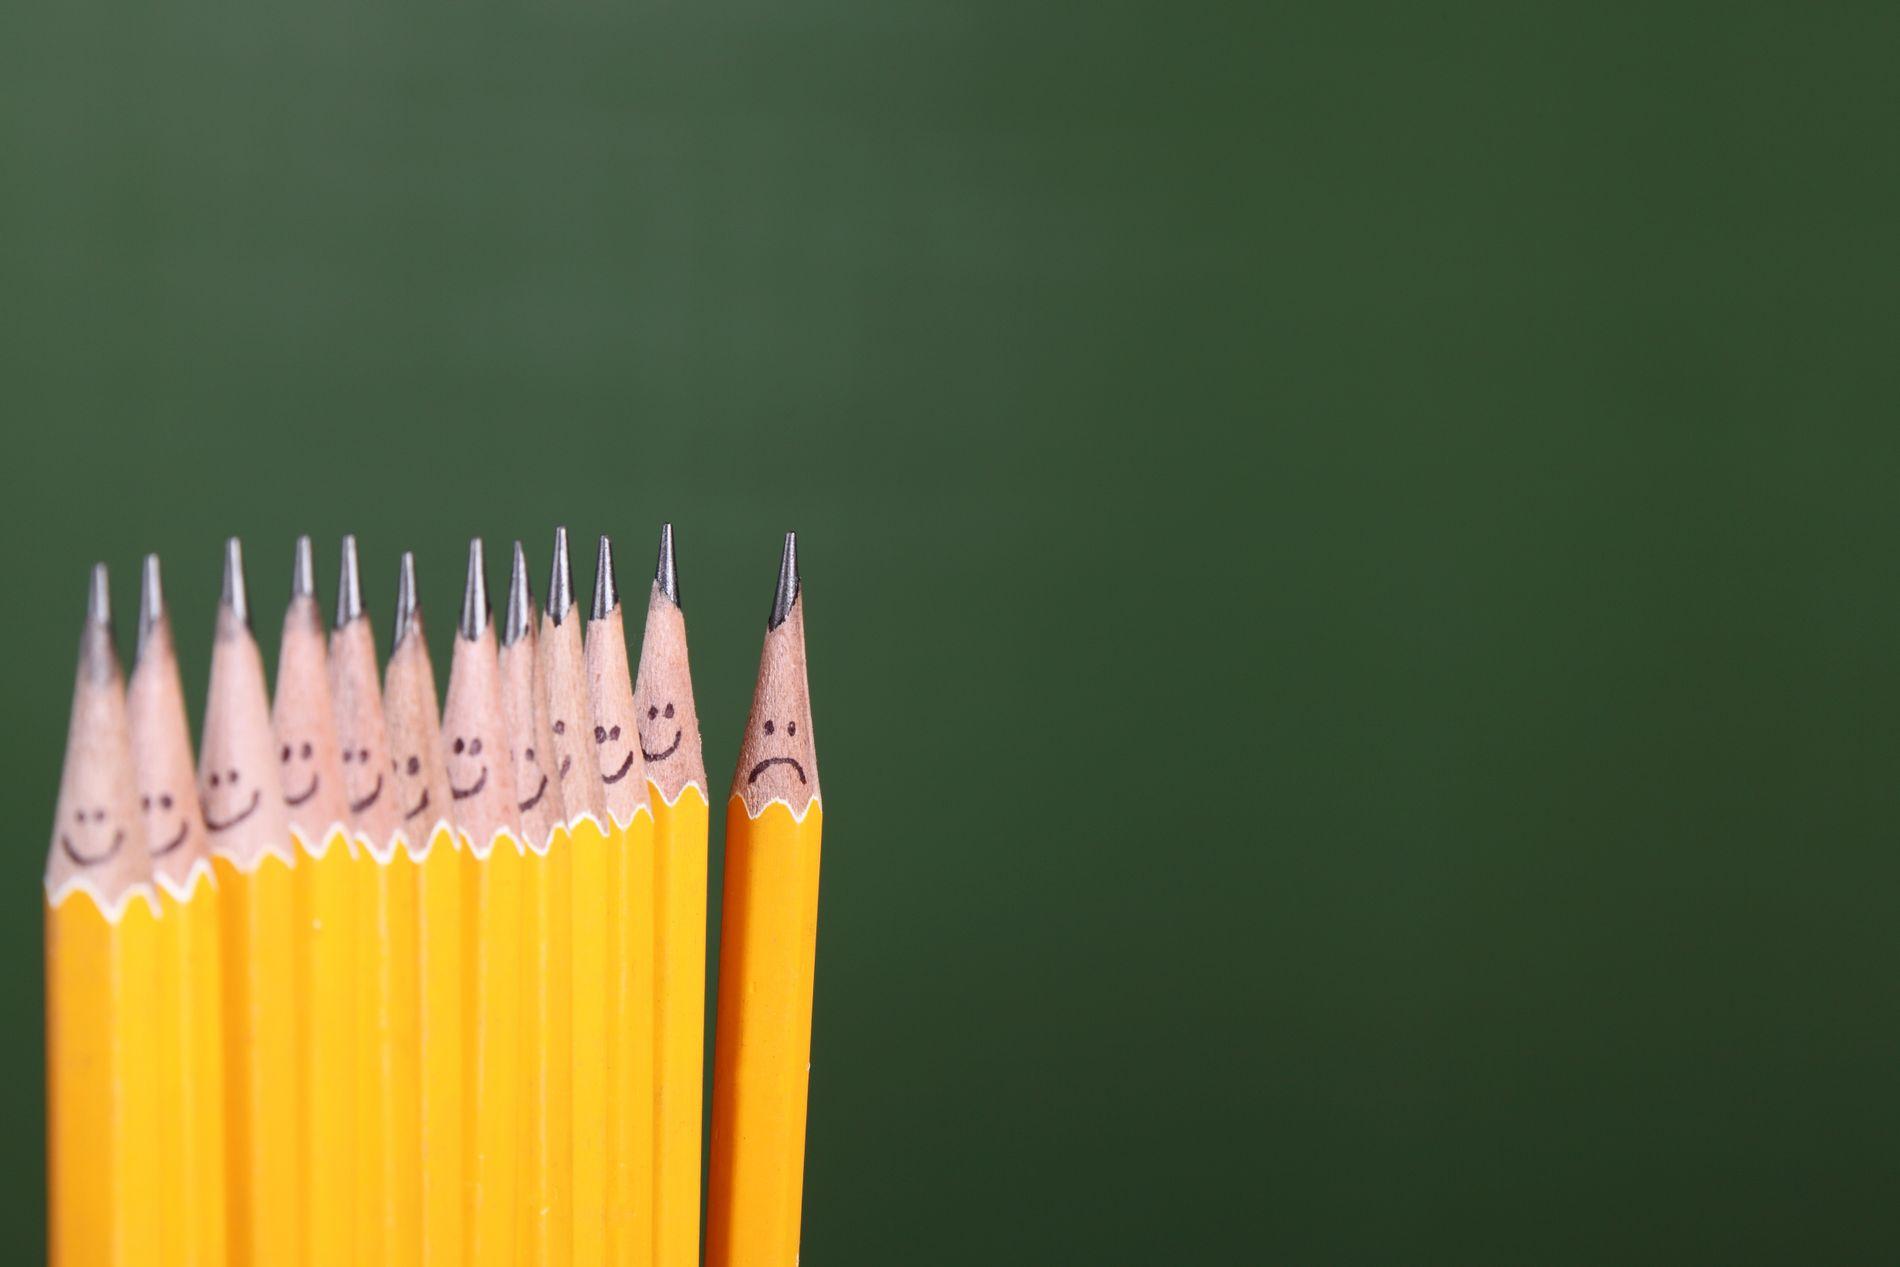 DÅRLIG: For de elevene som tilbringer time etter time på skolen uten å forstå hva undervisningen handler om, som har lite å bidra med når klassen har gruppearbeid og som ikke behersker fremføringens krevende kunst, fungerer skolen dårlig, skriver innsender.